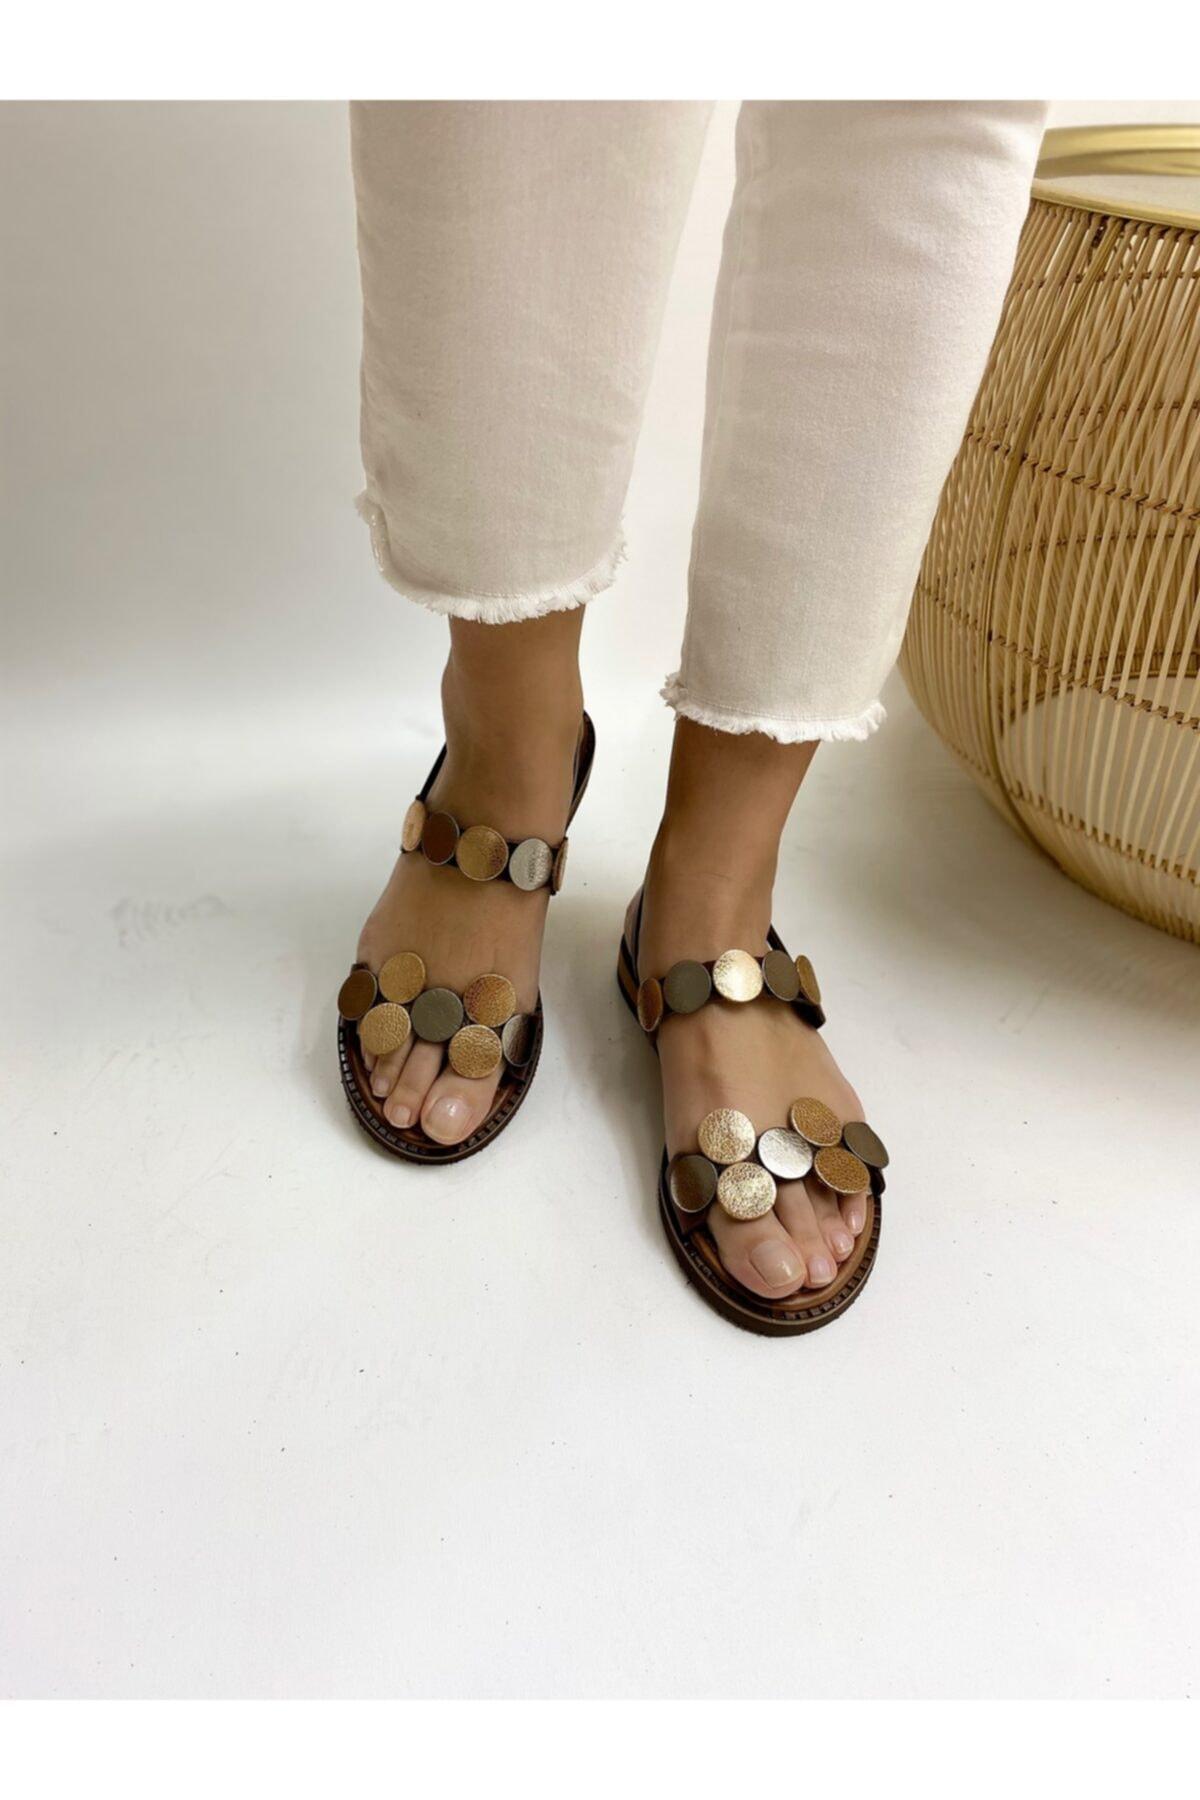 Ülkü Yaman Collection Kadın Hakiki Deri Sandalet 2